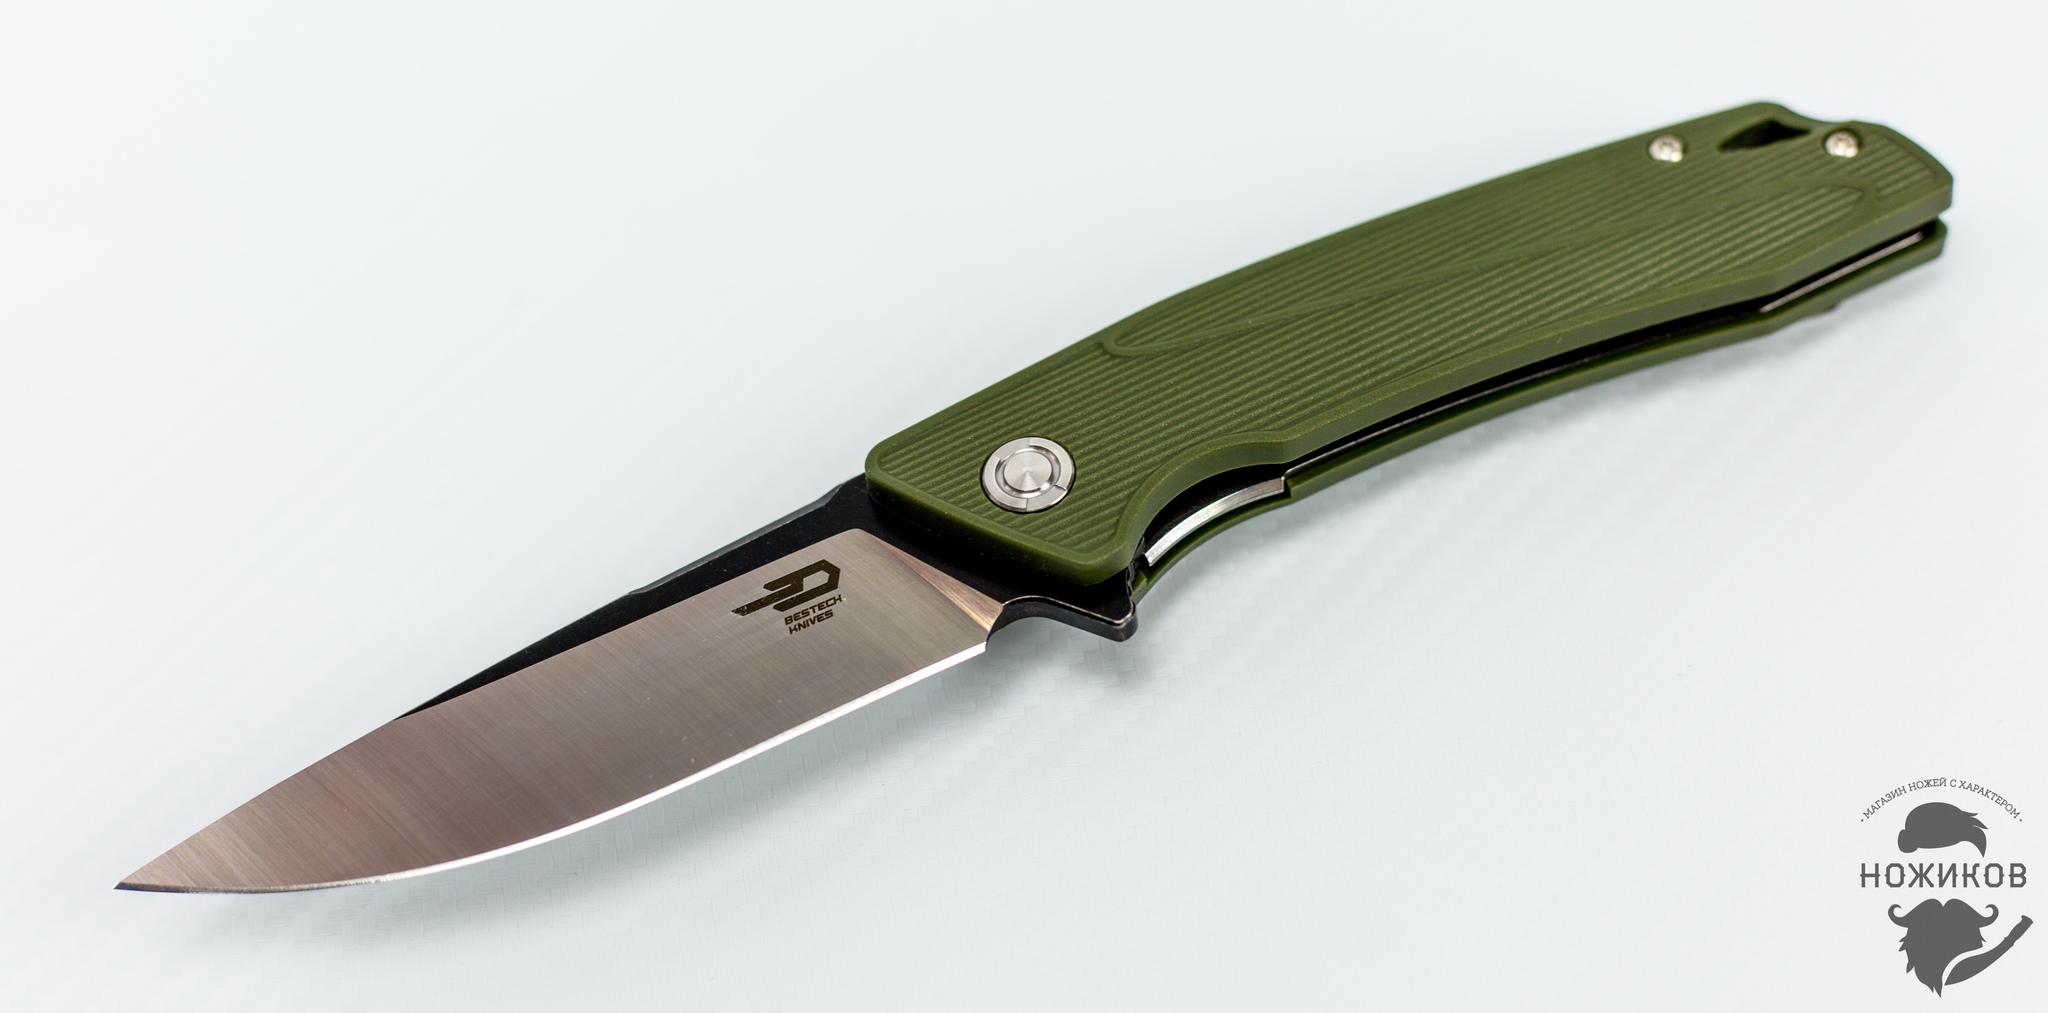 Складной нож Bestech Spike BG09B-1, сталь Sandvik 12C27Bestech Knives<br><br>